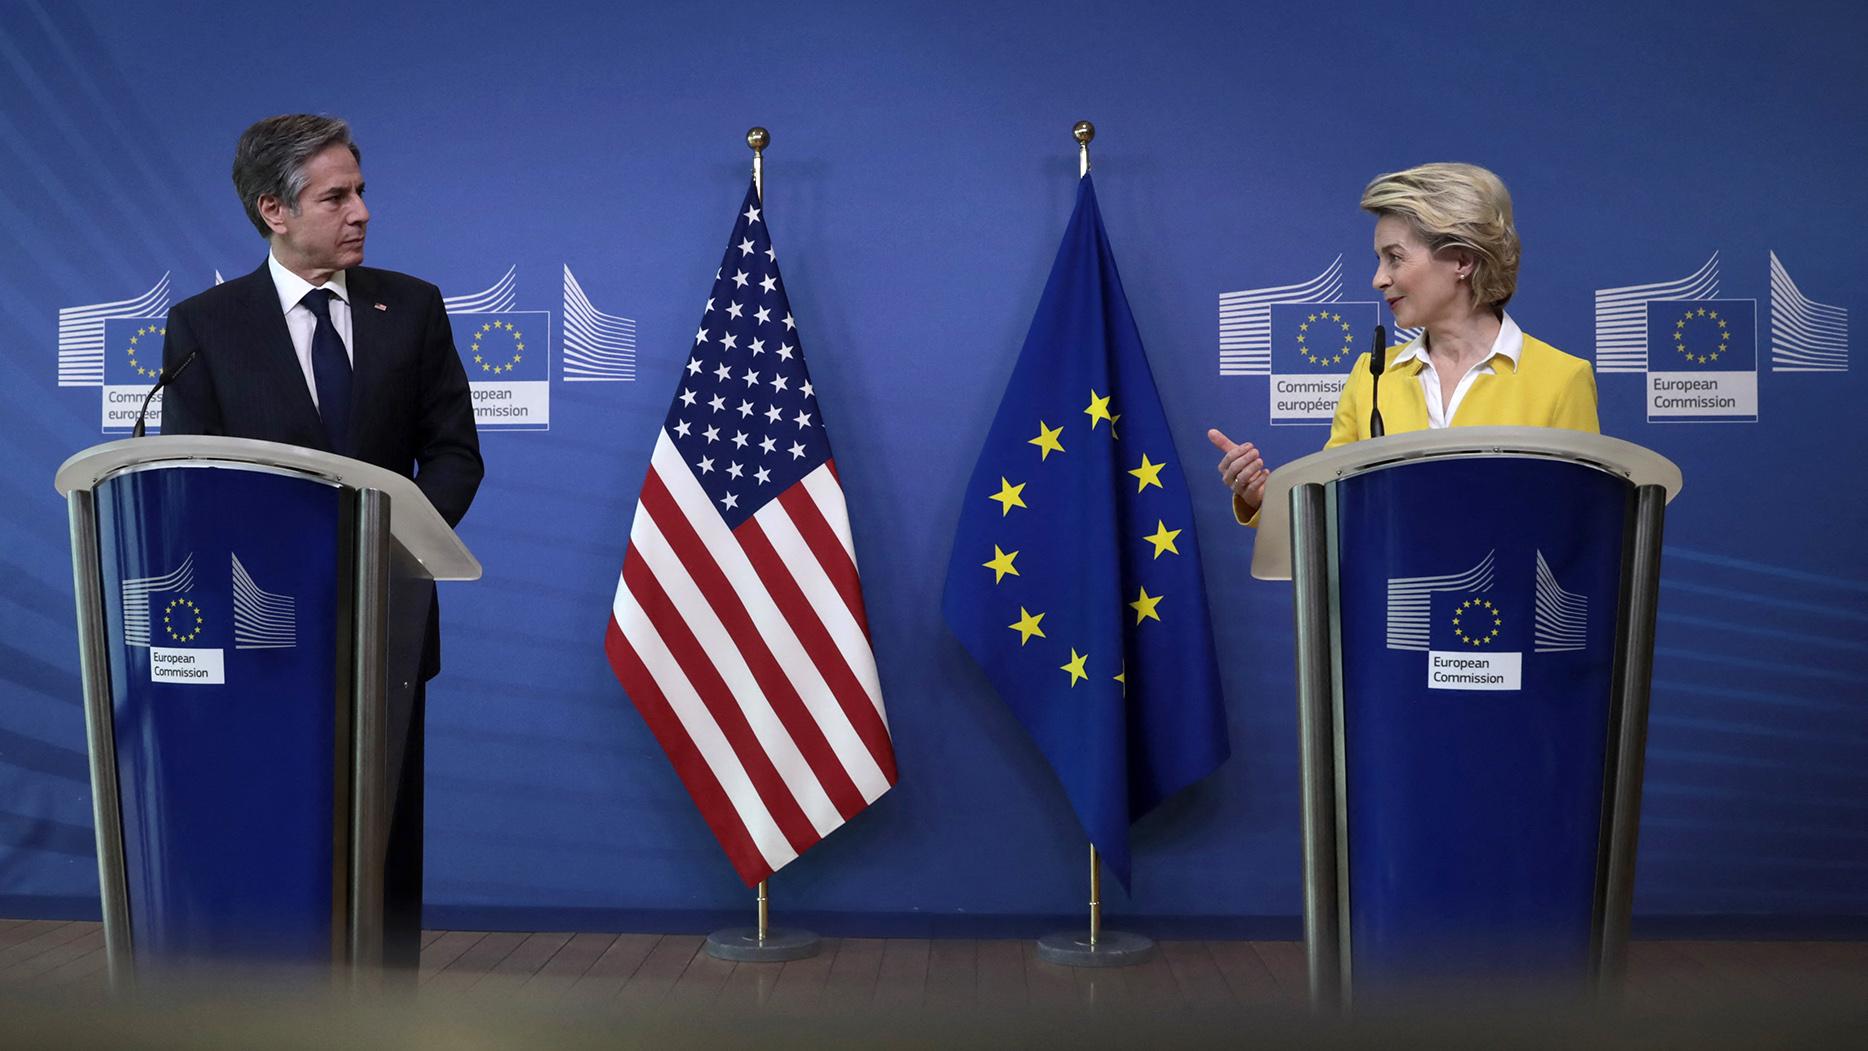 美國國務卿布林肯訪問歐洲,右爲歐盟執委會主席馮德萊恩(Ursula von der Leyen)。(AFP)